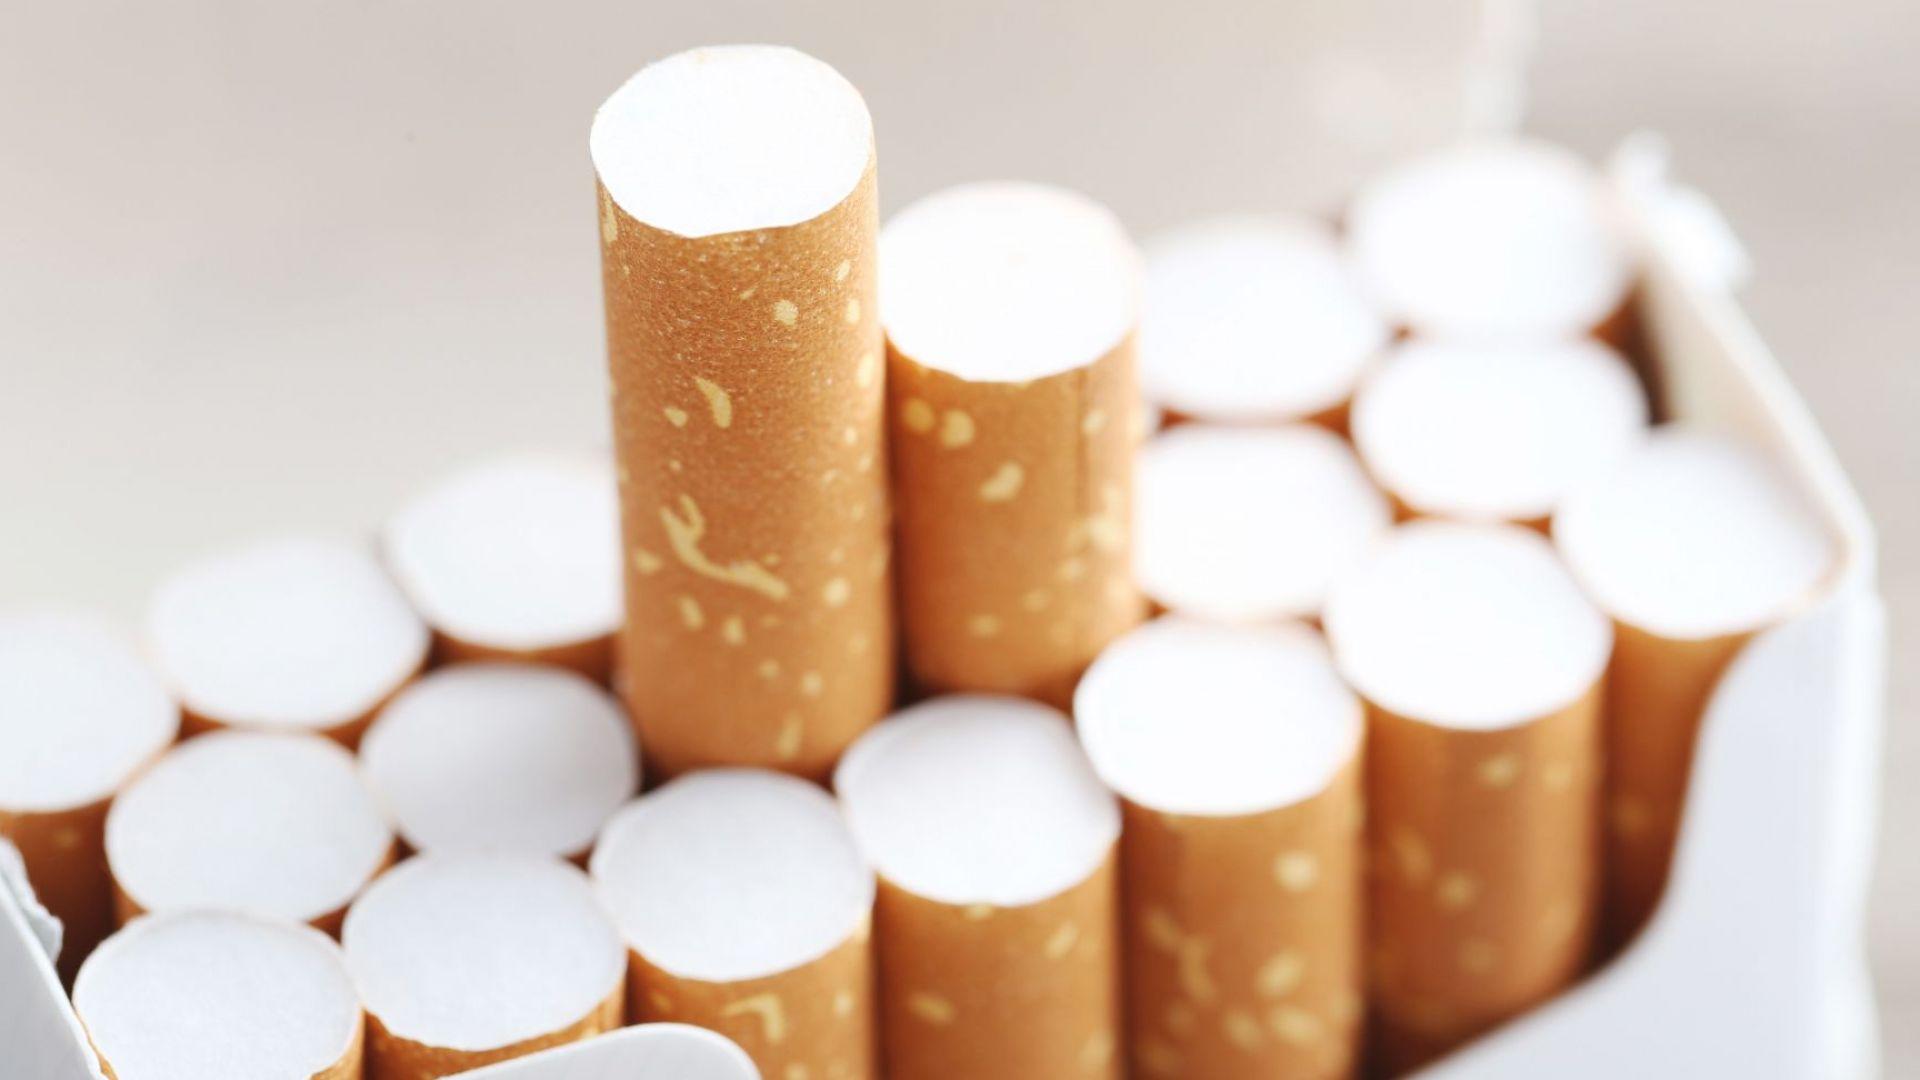 Цигарите вече без изписана цена върху бандеролите